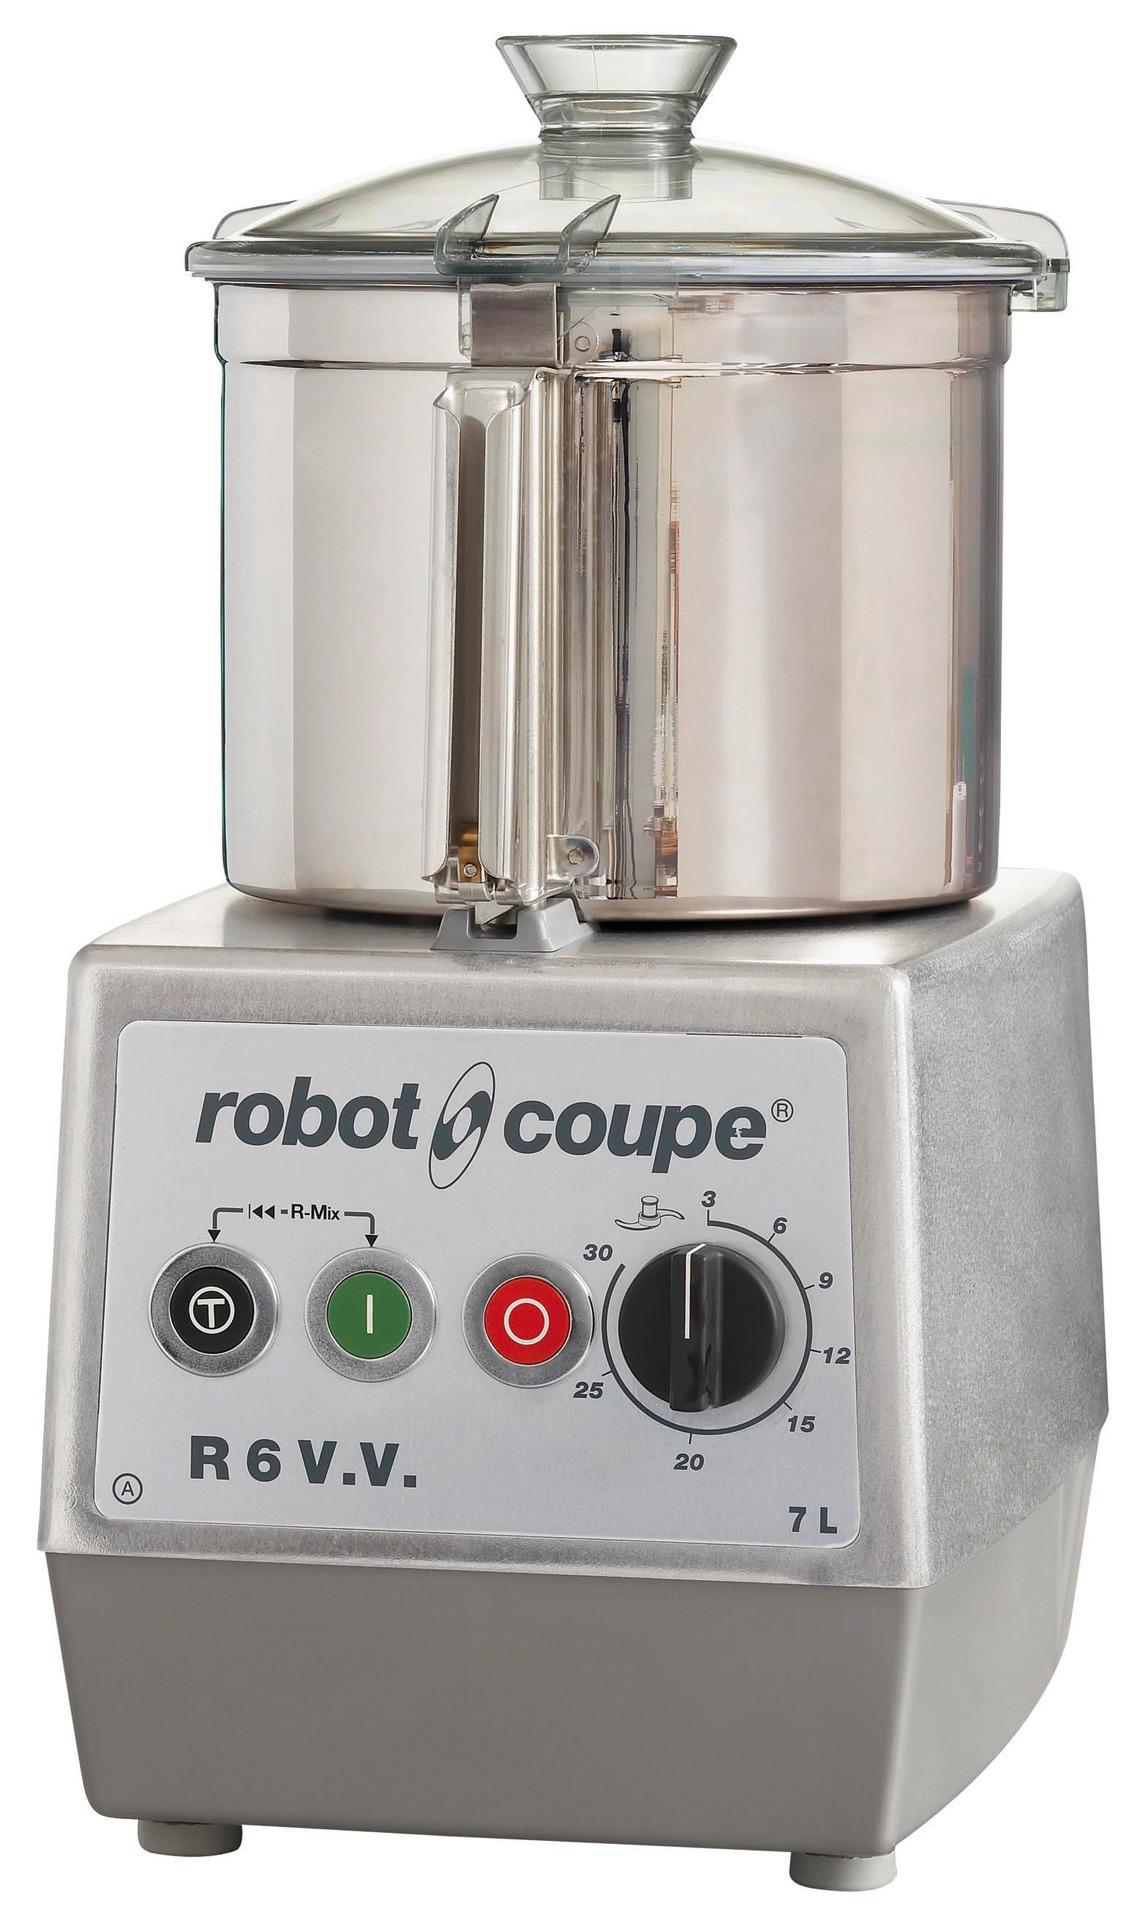 Tischkutter 7,00 l / R 6 V.V. /  230 V / 1,50 kW